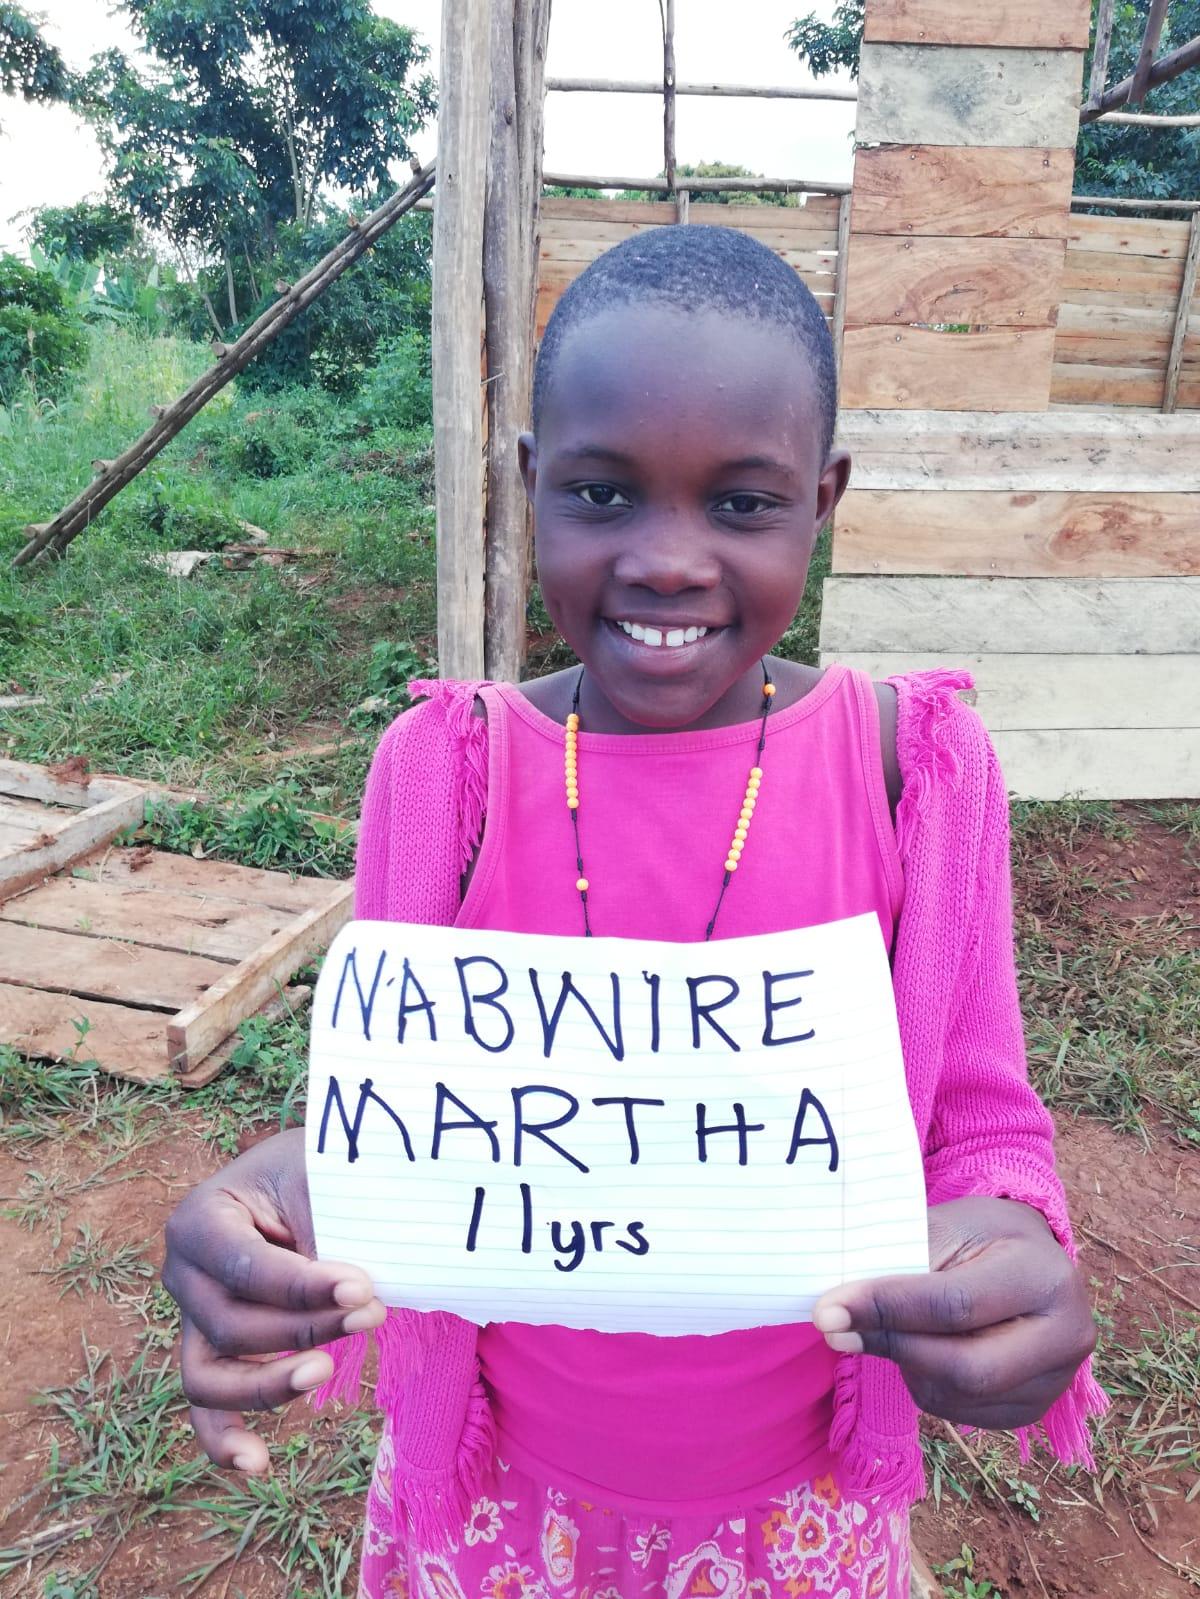 Nabwire, Martha